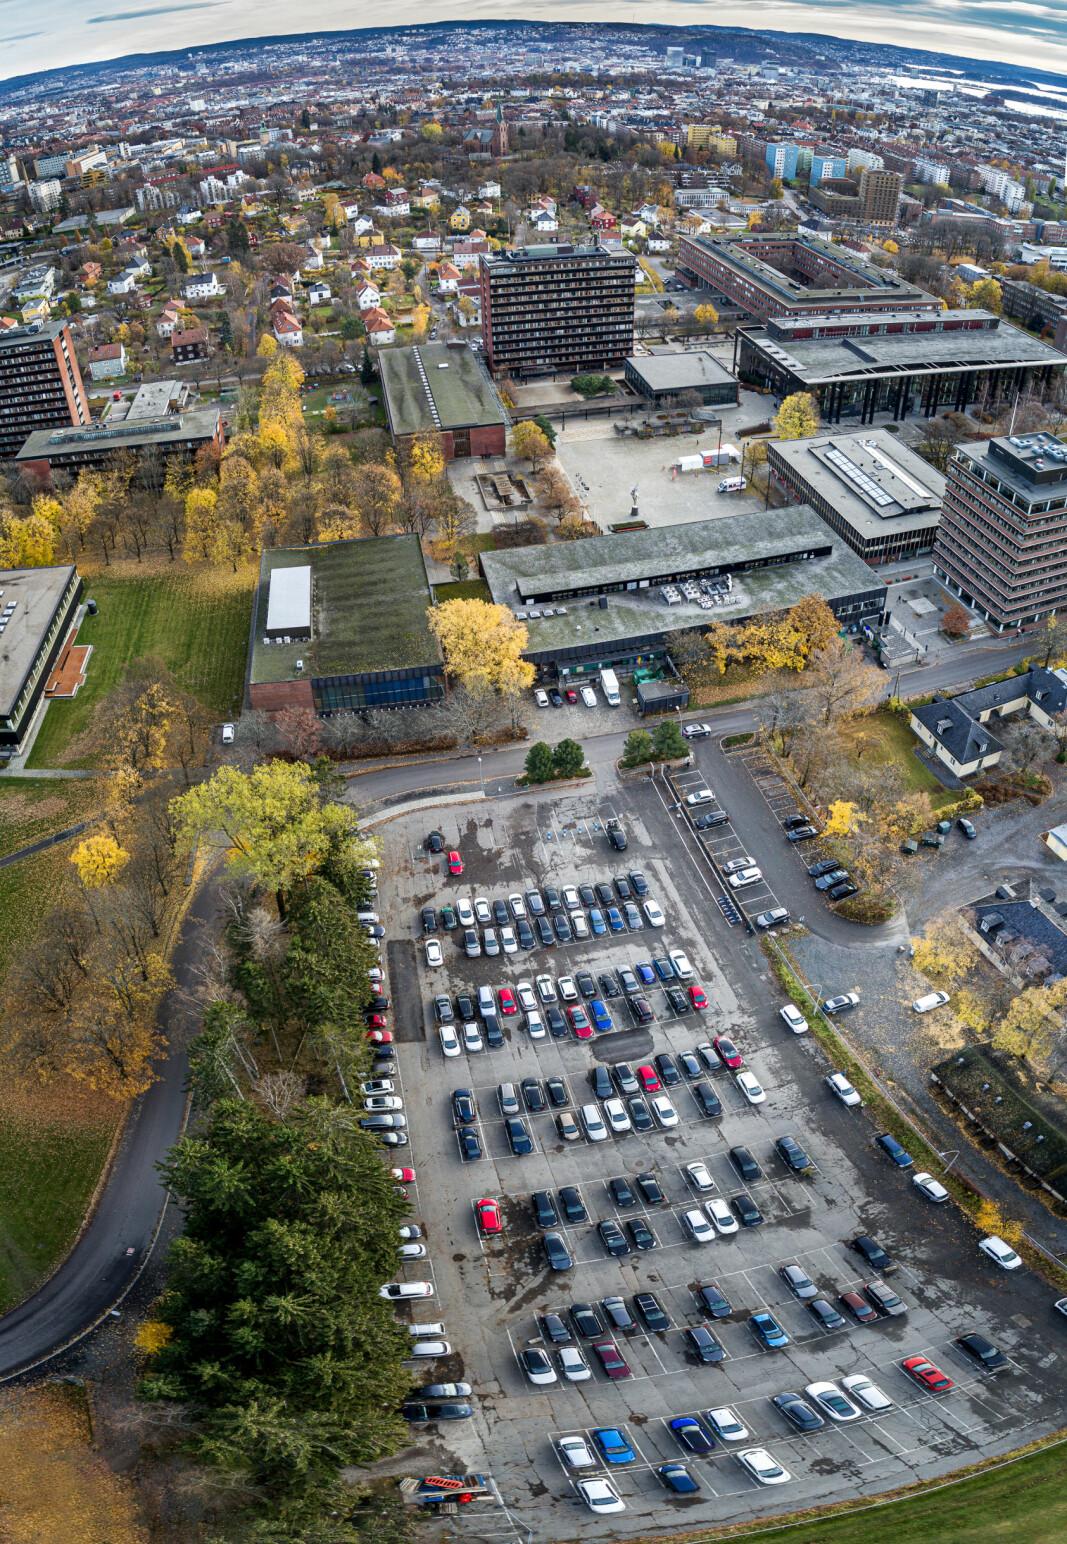 I byen bak universitetet i Oslo er det svært få gratis parkeringsplasser igjen. Universitetet har imidlertid mange av dem.